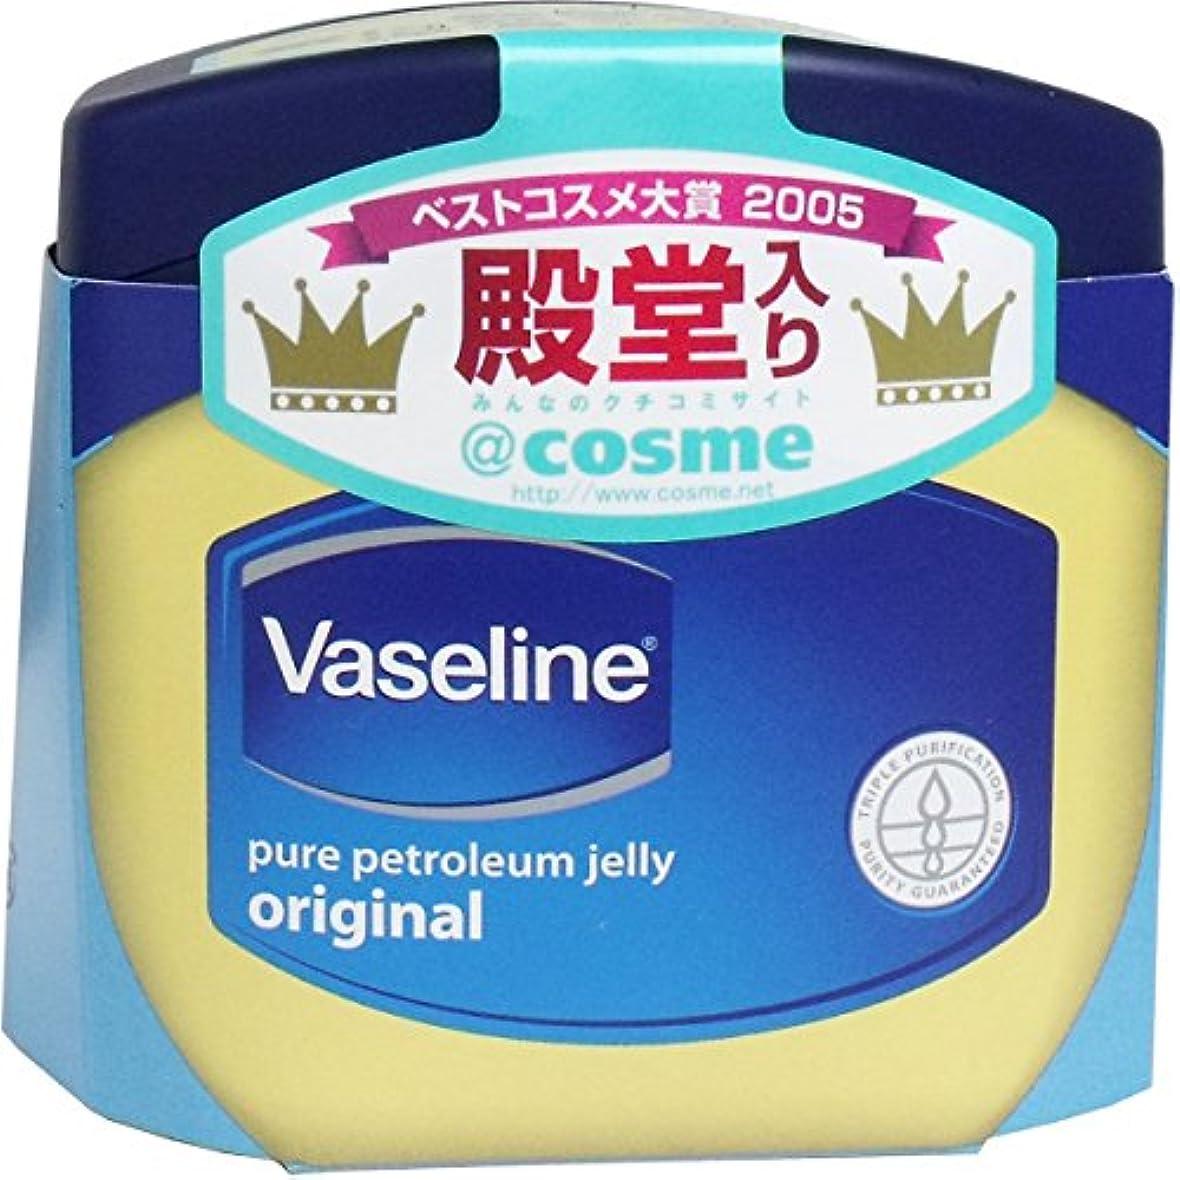 アナリスト調査ラテン【Vaseline】ヴァセリン ピュアスキンジェリー (スキンオイル) 200g ×5個セット